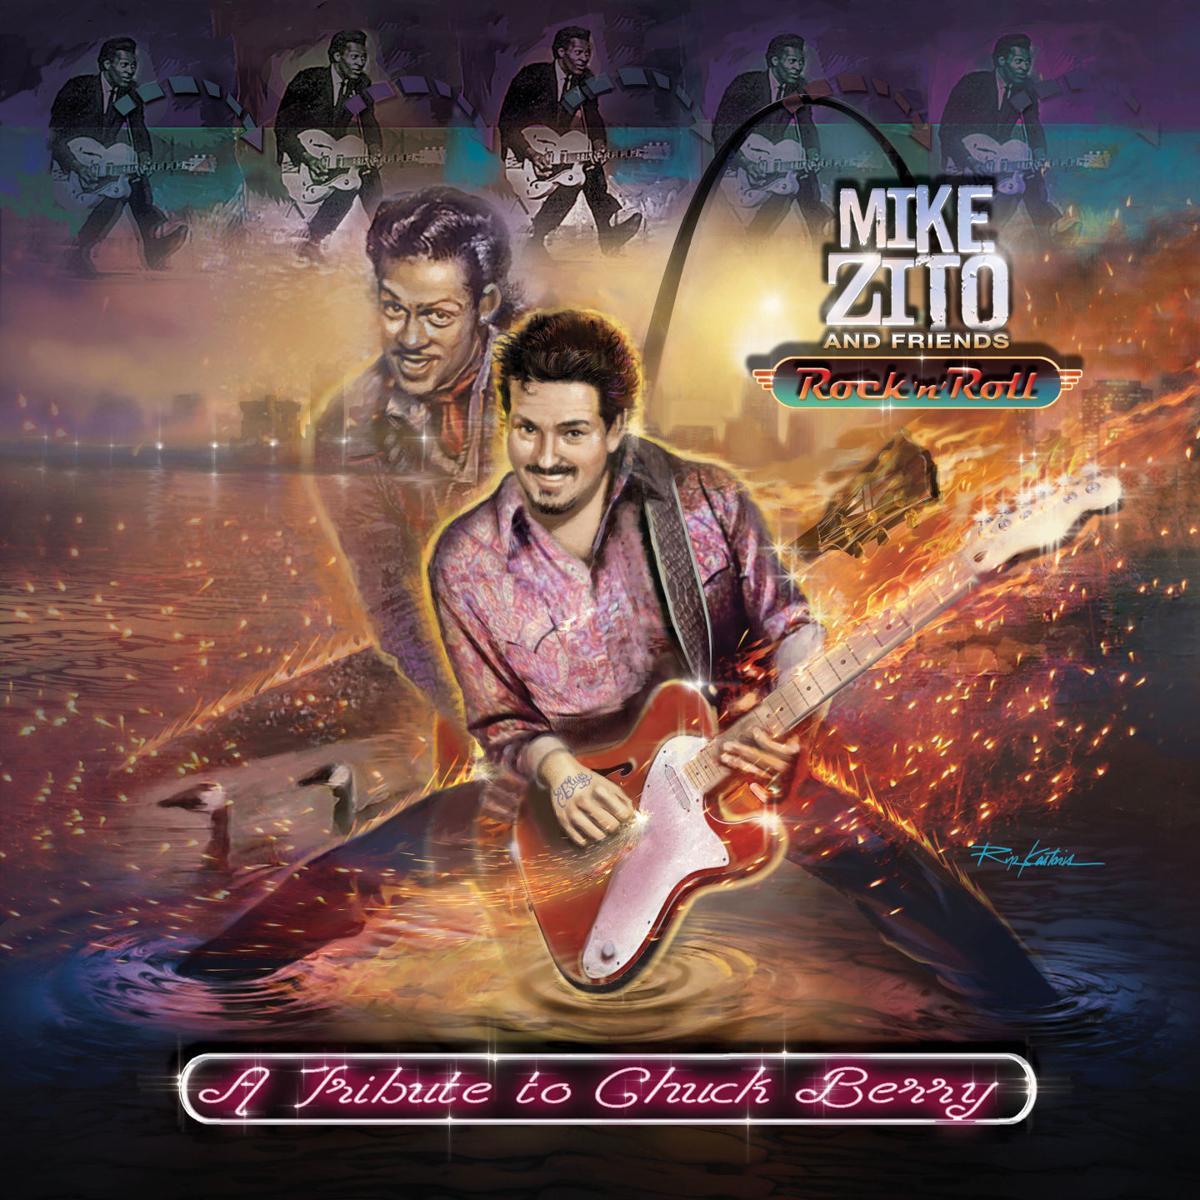 Mike Zito album cover